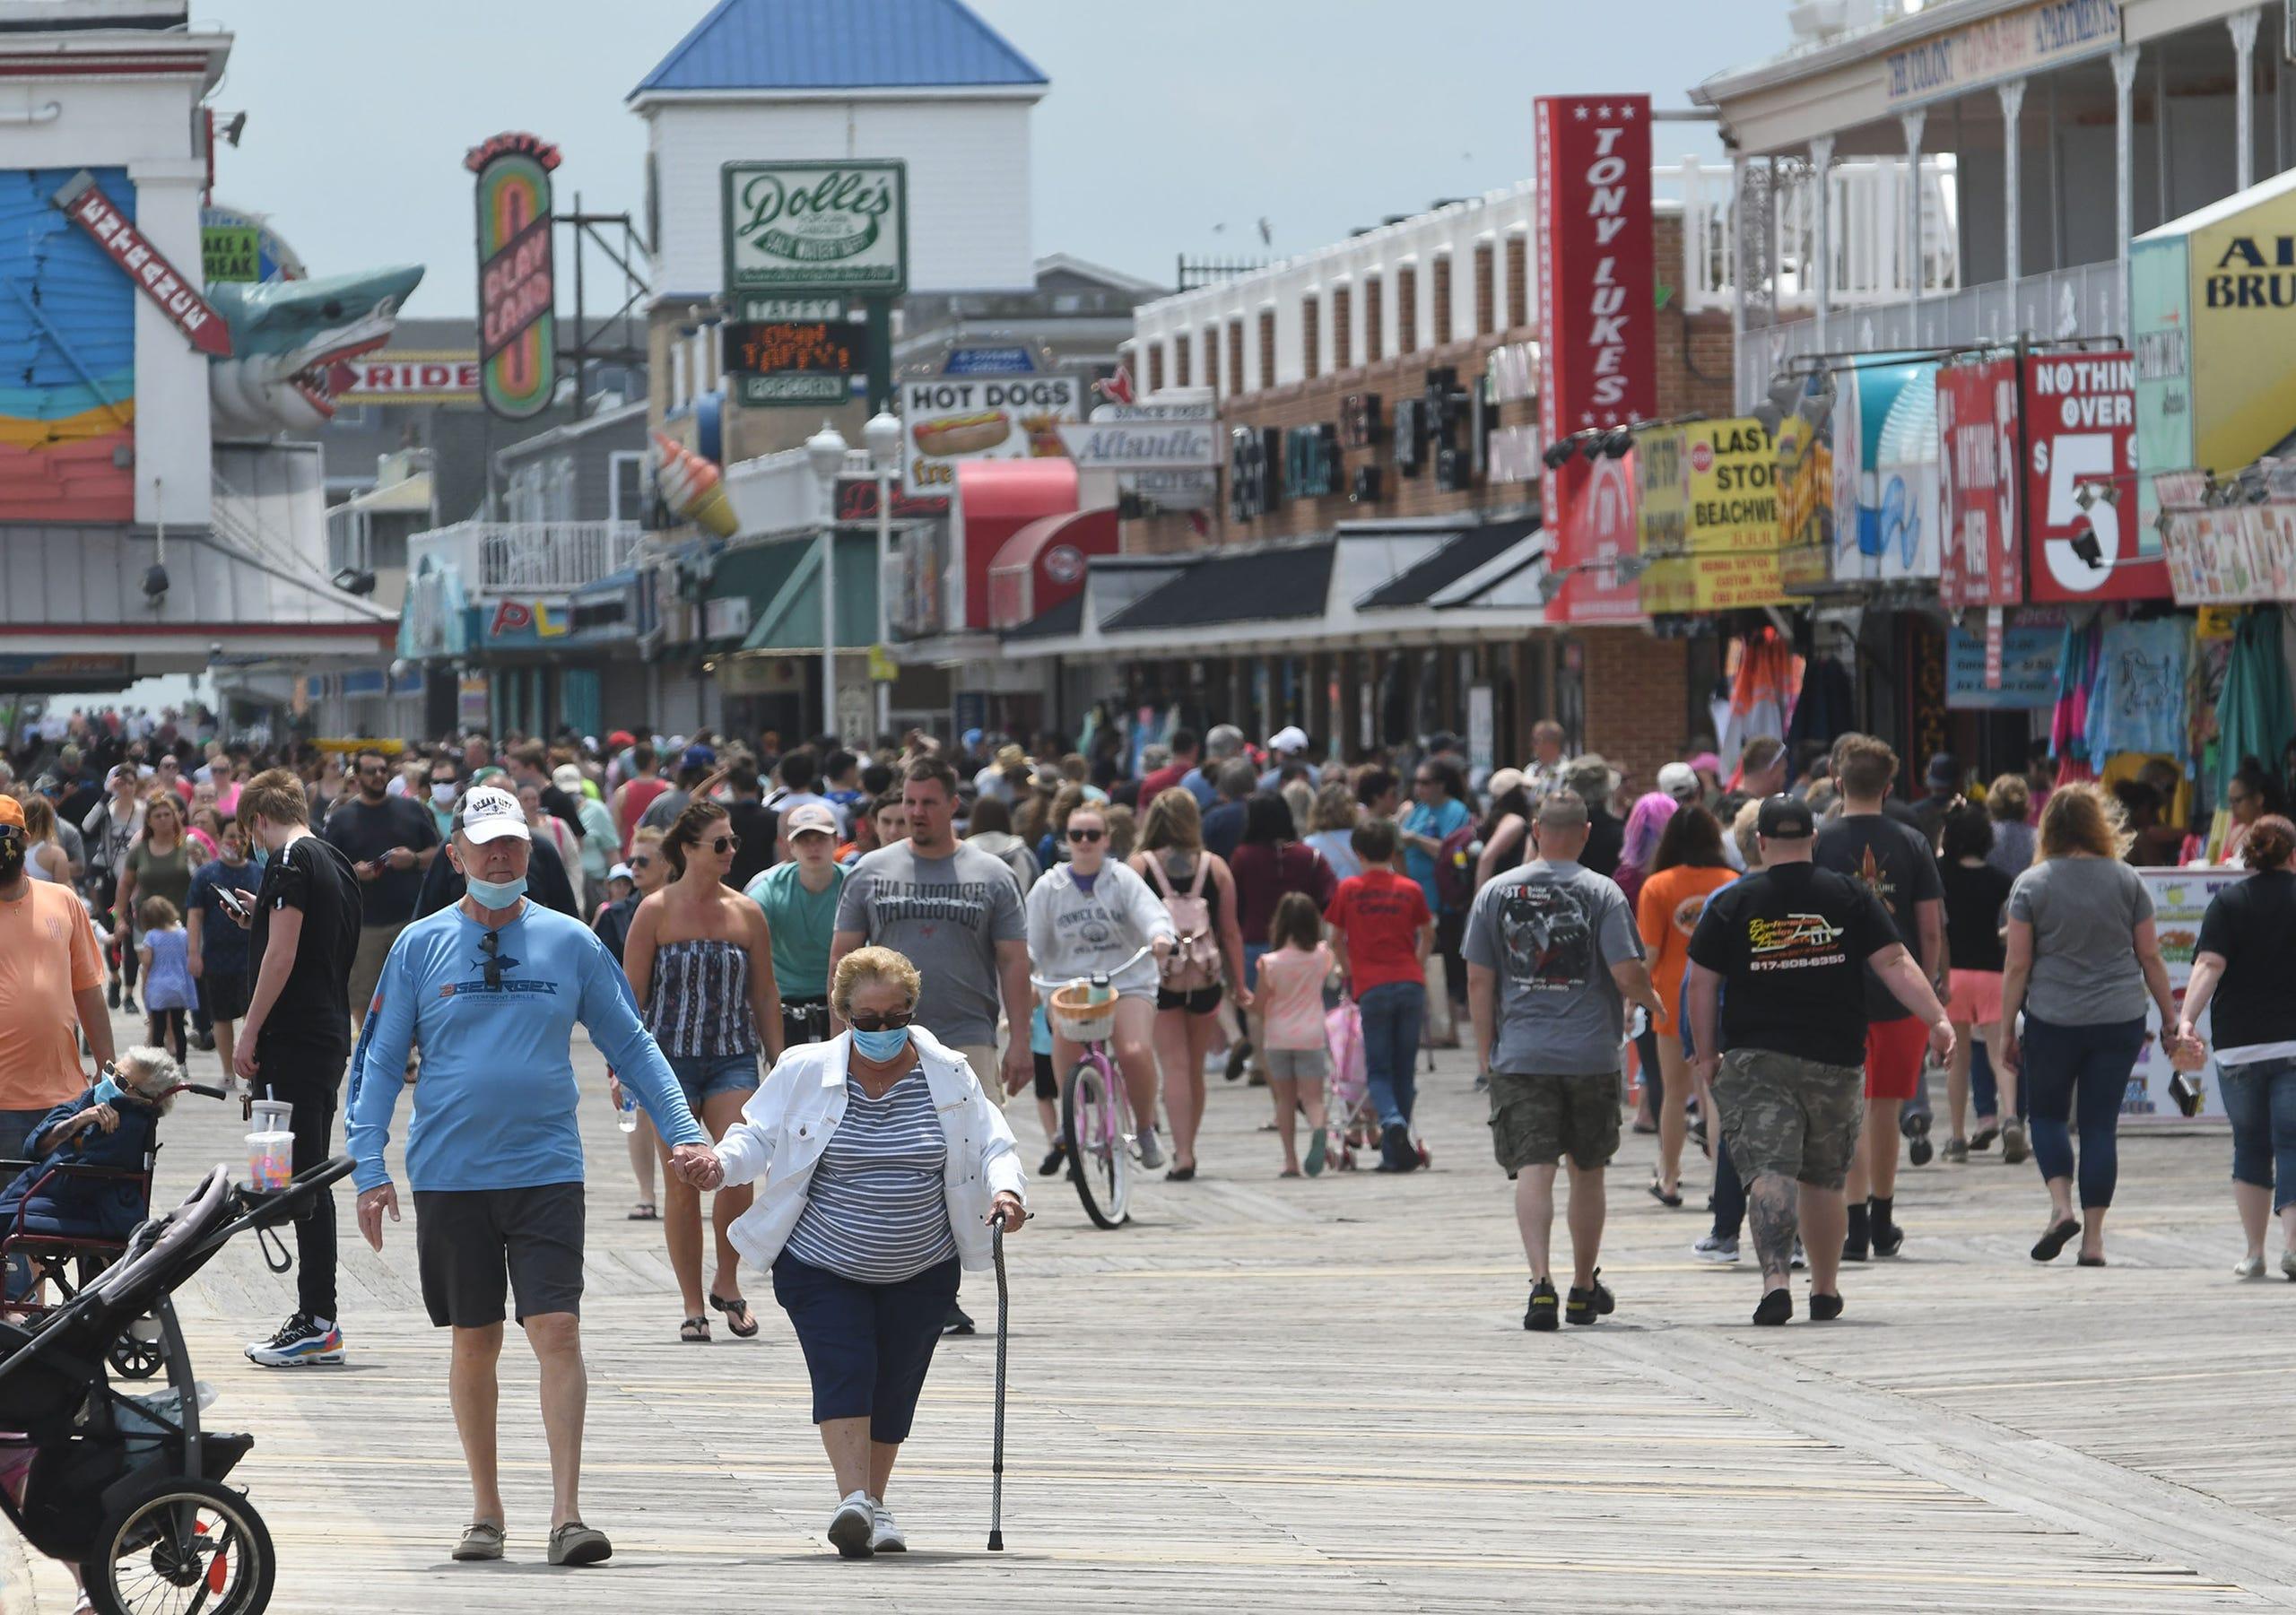 Coronavirus: Ocean City boardwalk sees packed crowds as beach reopens